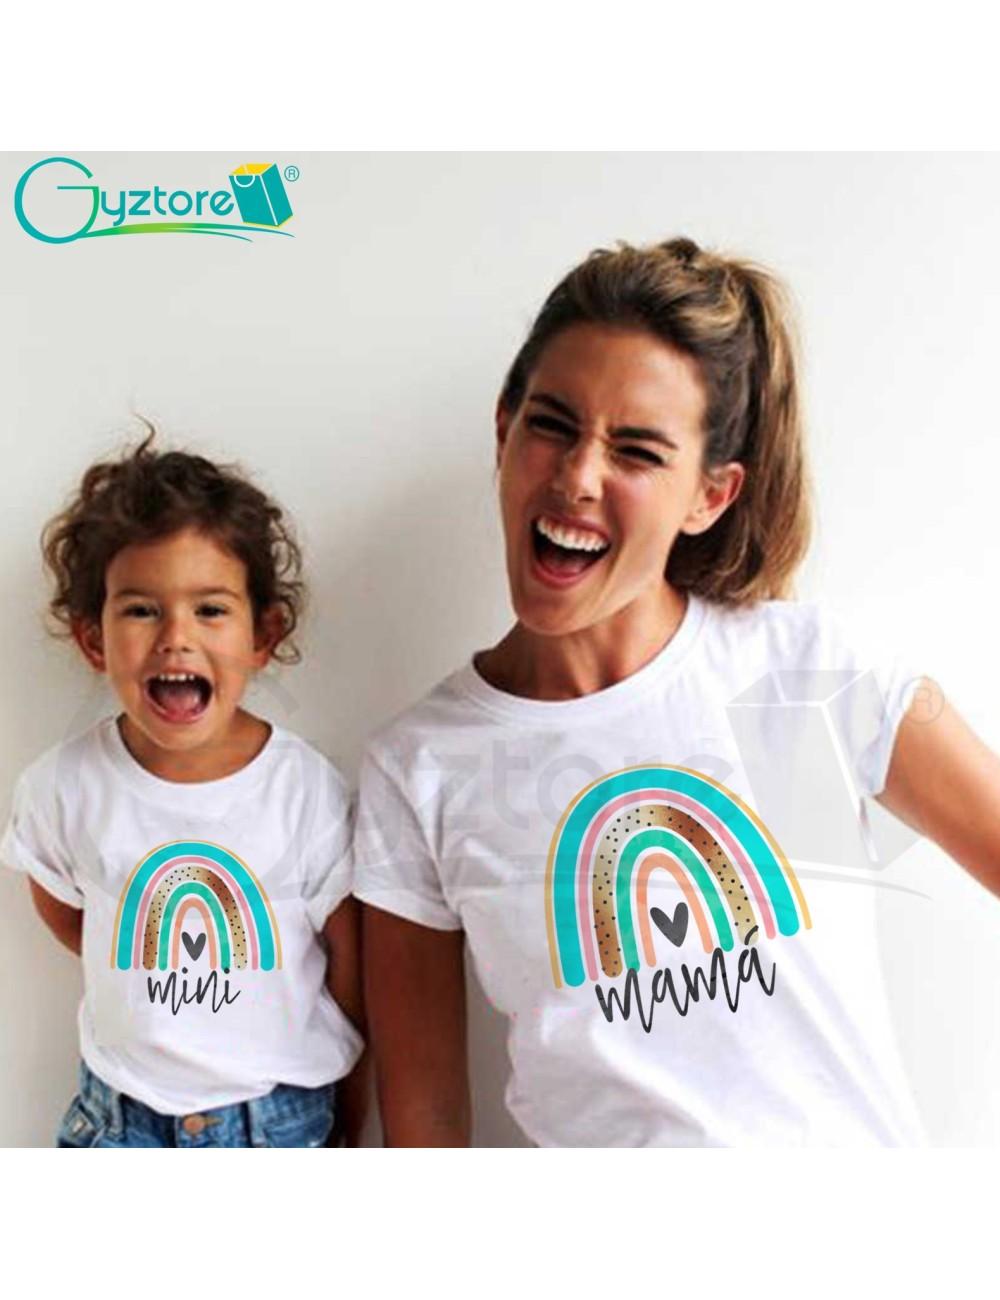 Camisetas Madre e Hija diseño Arcoiris